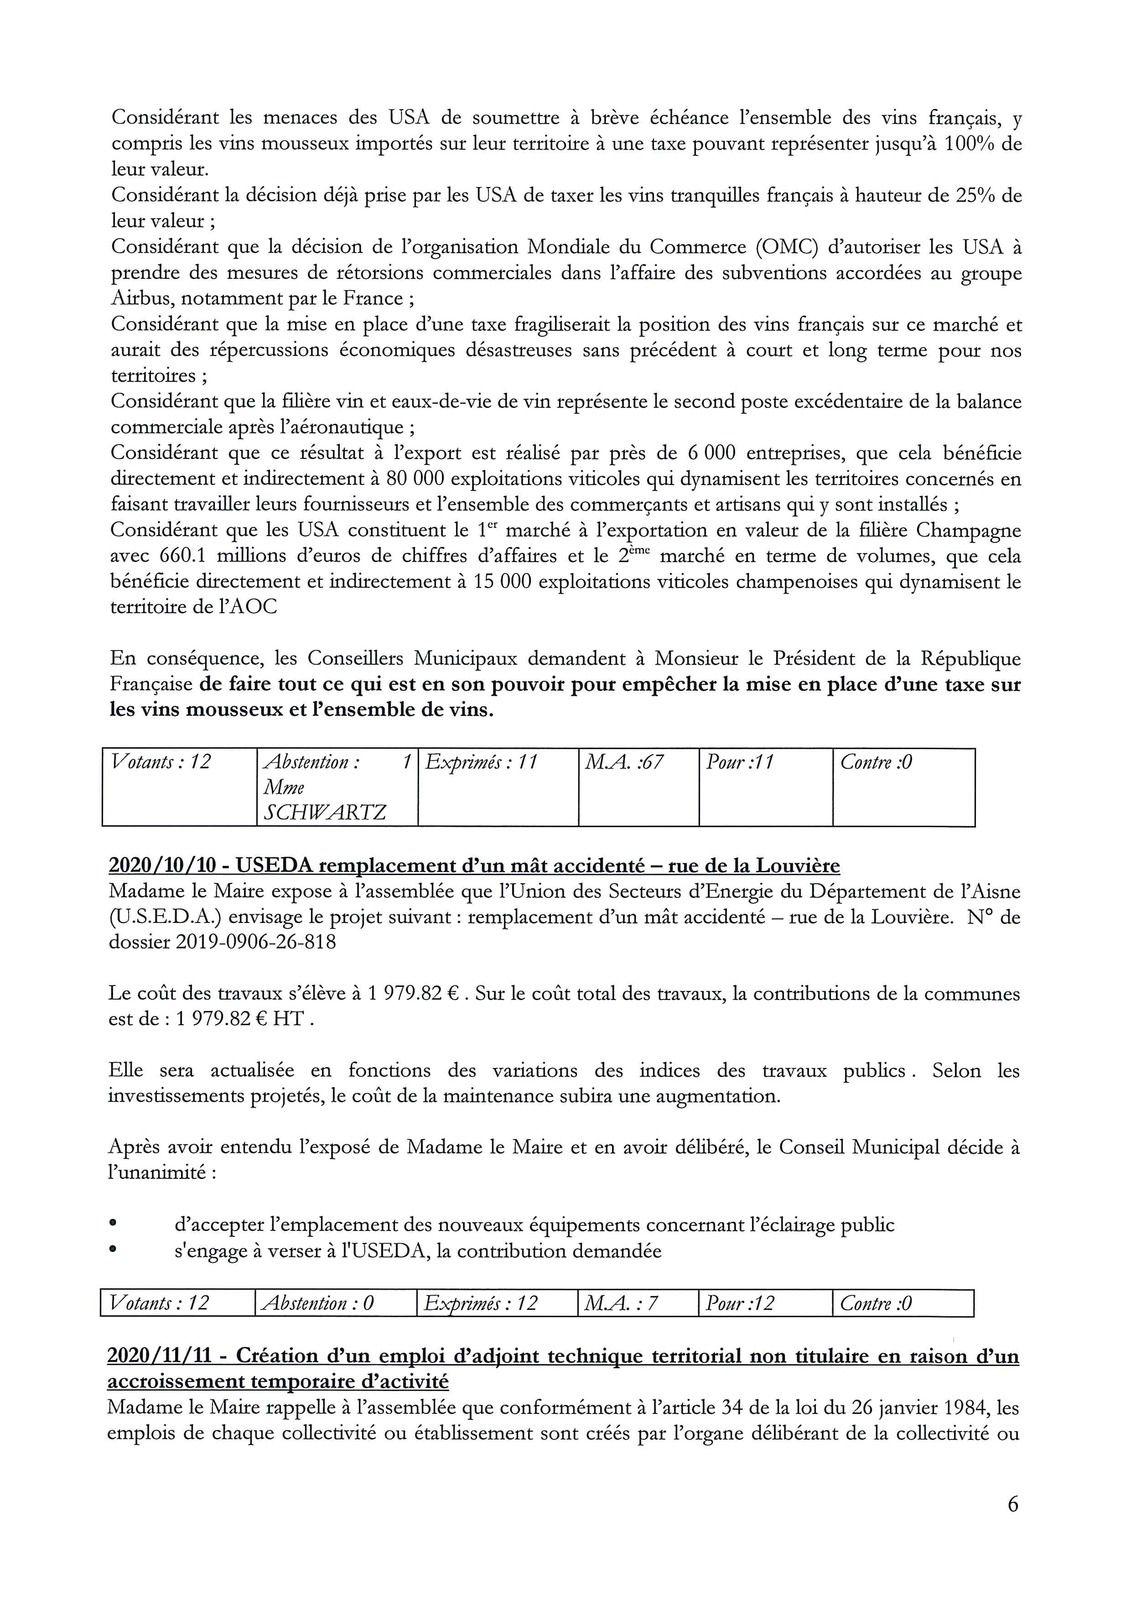 Compte-rendu du Conseil Municipal du 27 février 2020